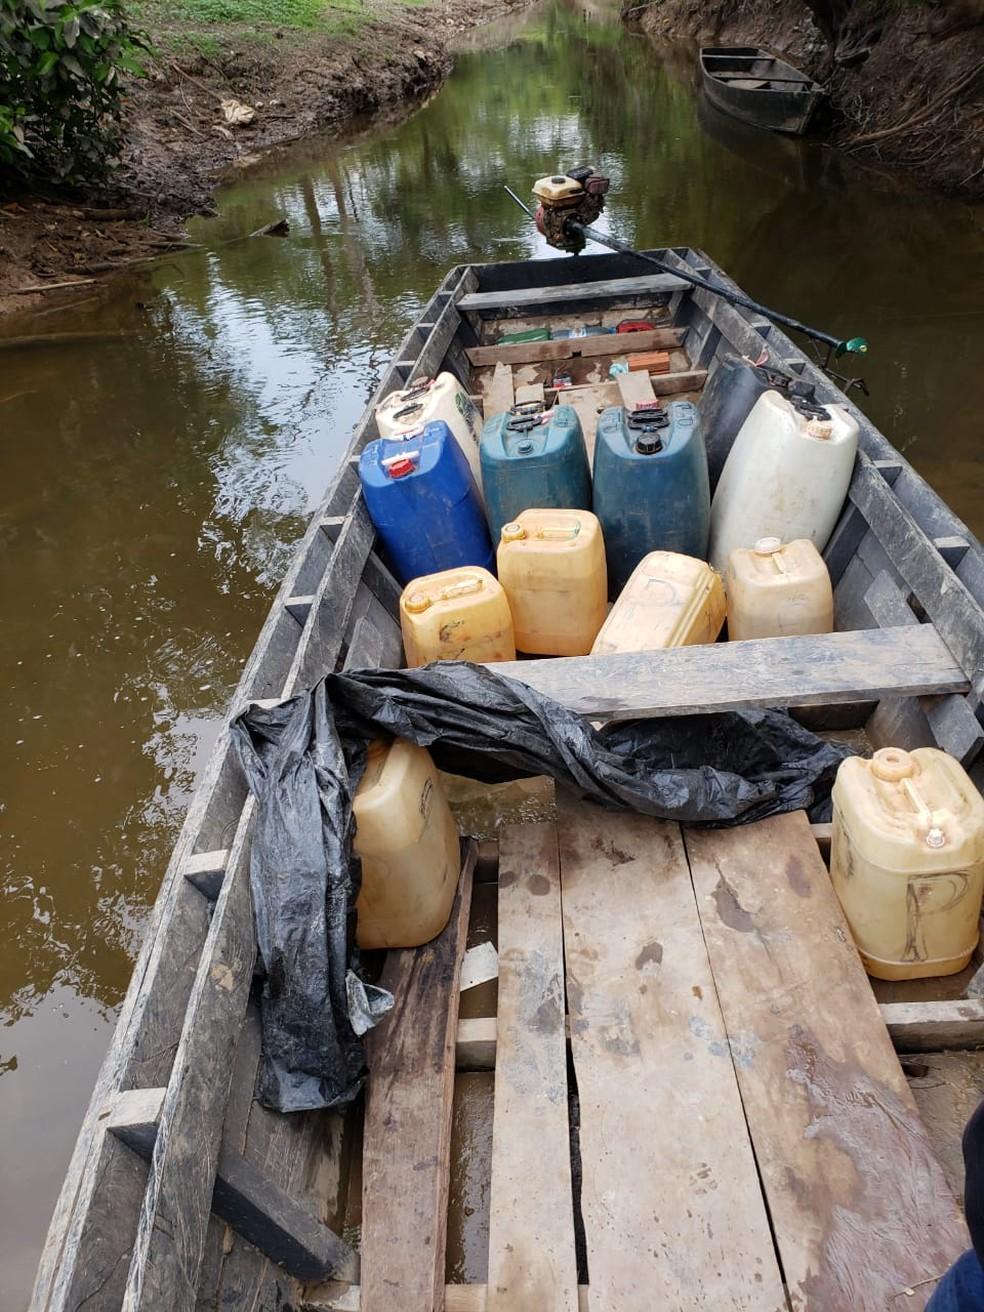 Gasolina foi transportada do Brasil para a Bolívia em barco — Foto: PF/Reprodução